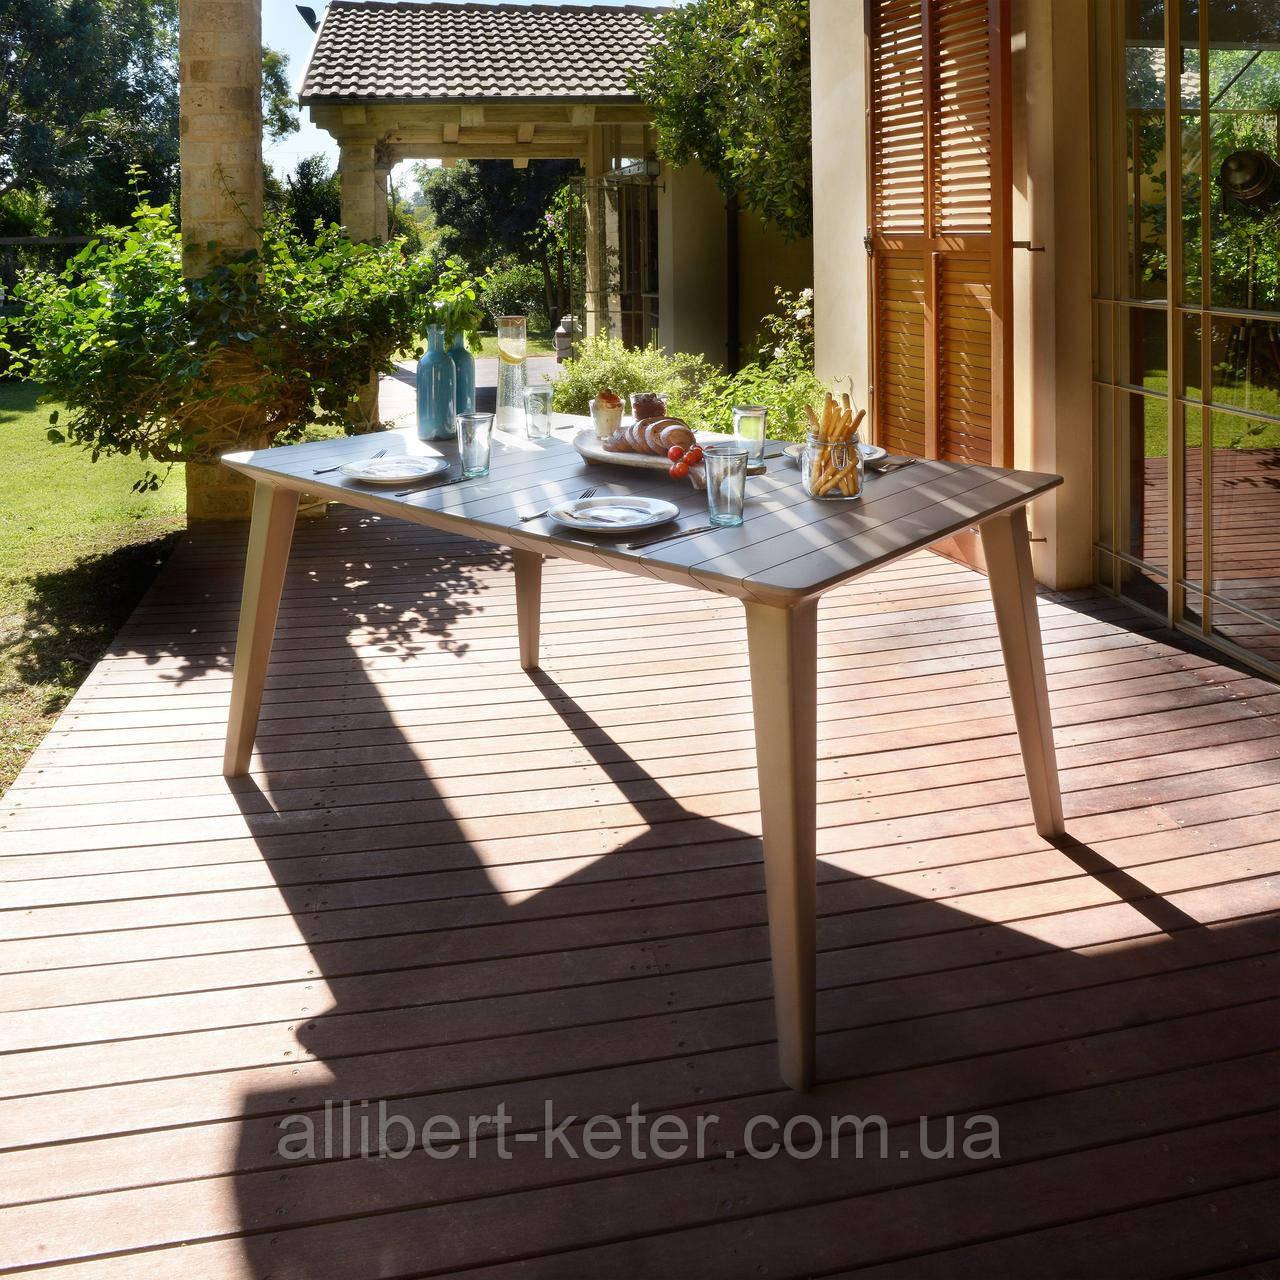 Стіл садовий вуличний Allibert Lima 160